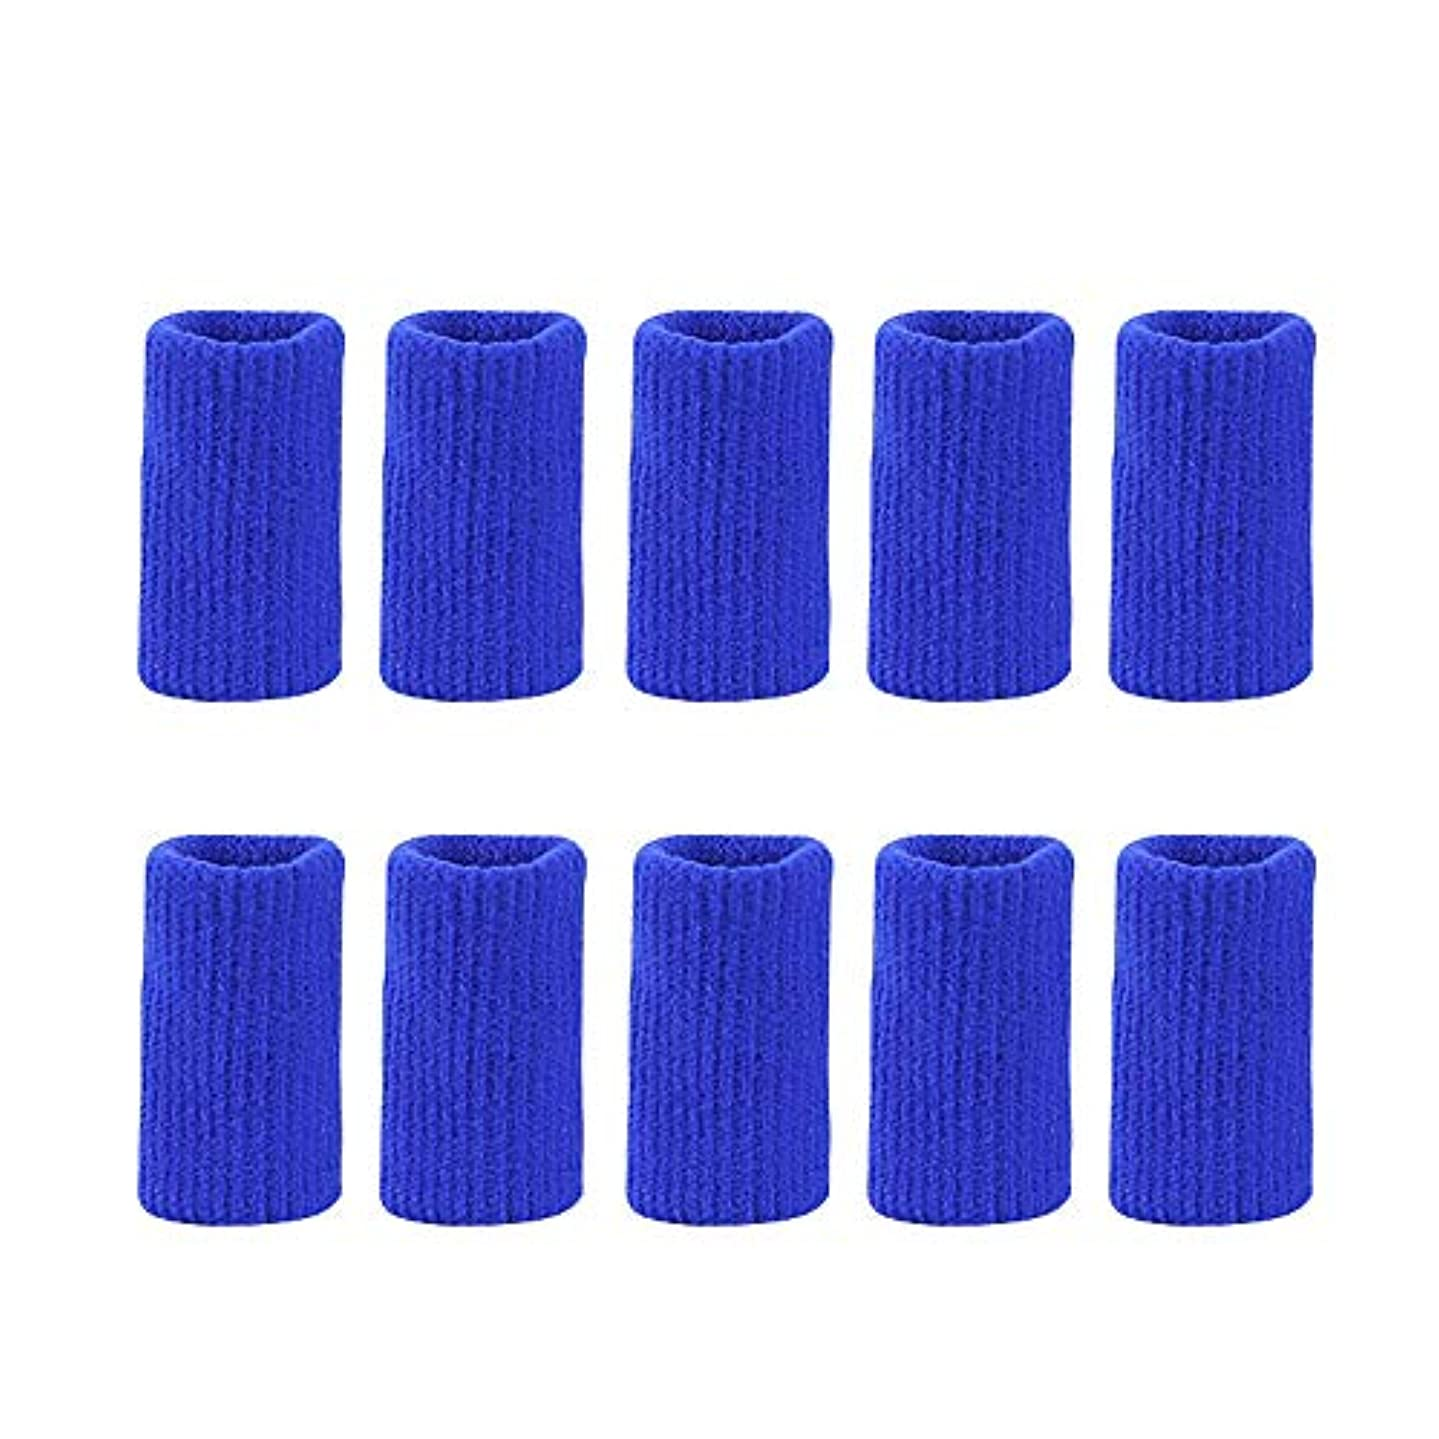 ガソリン静かにインペリアルフィンガープロテクタースリーブナイロンニットフィンガージョイントカバー防止摩擦関節炎伸縮サポートスポーツ補助バスケットボールフィンガーガード,ブルー